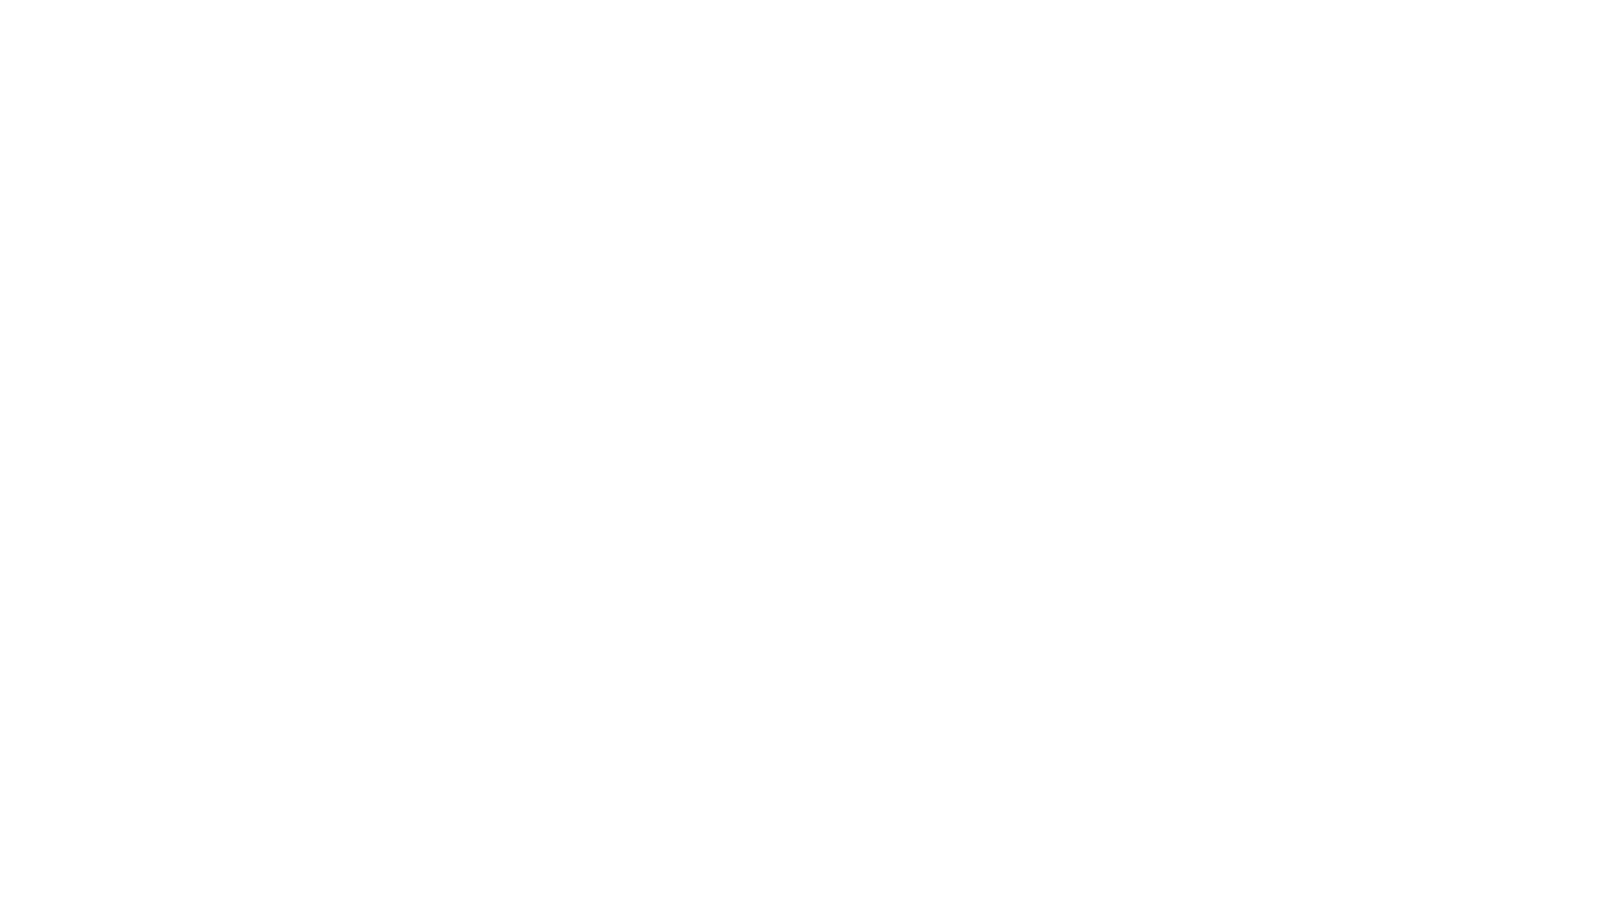 """10 Mayıs 2021'de Sanat Kritik Söyleşileri kapsamında düzenlenen  Burcu Alkan, Çimen Günay Erkol, Kenan Sharpe ve Şima İmşir'in konuşmacı olduğu """"Dünya Edebiyatı Olarak Türk Edebiyatı: Nâzım Hikmet ve Halide Edip'in Dünya Edebiyatına Etkileri"""" başlıklı etkinliğin kaydıdır. Sanat Kritik Birlikte okumak, yazmak ve düşünmek için... http://sanatkritik.com/"""